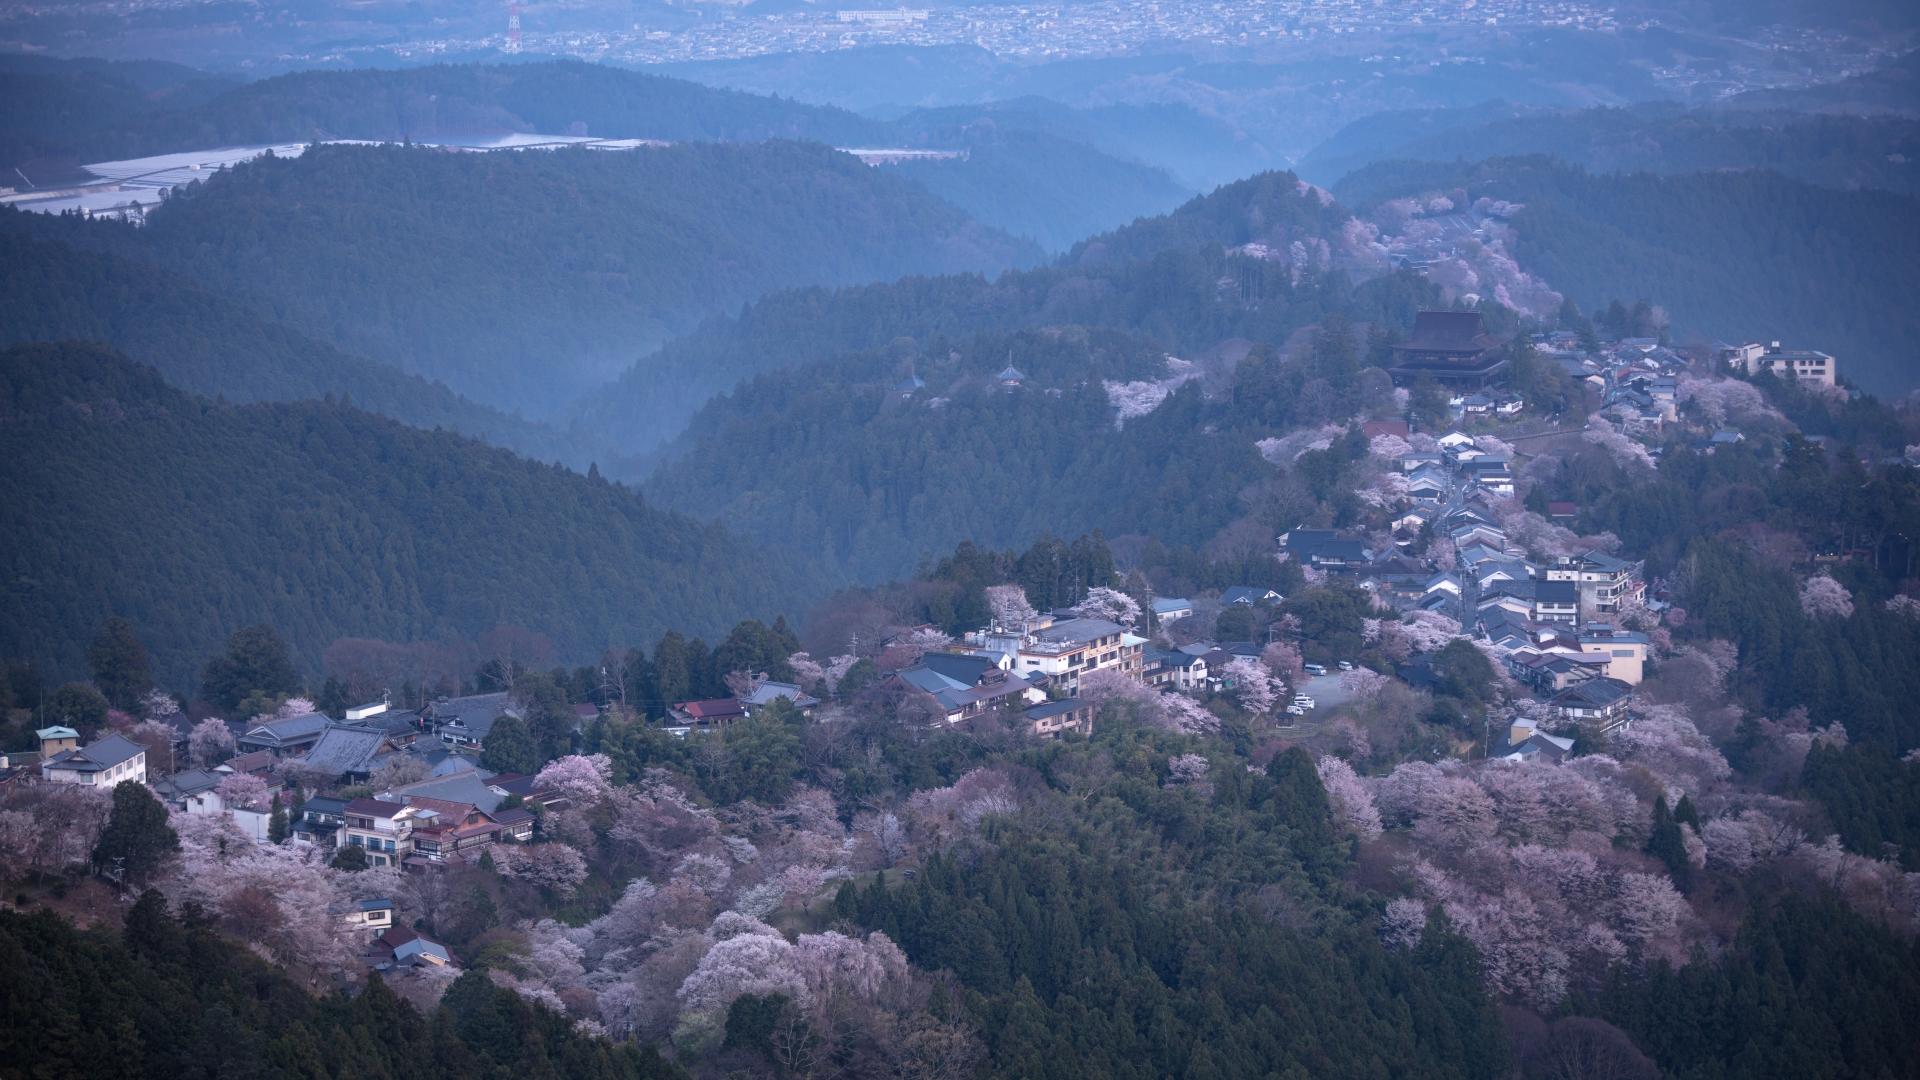 4325091_m 奈良県  吉野山(山が桜に染まる春におすすめの絶景スポット! 写真の紹介、アクセス情報や駐車場情報など)